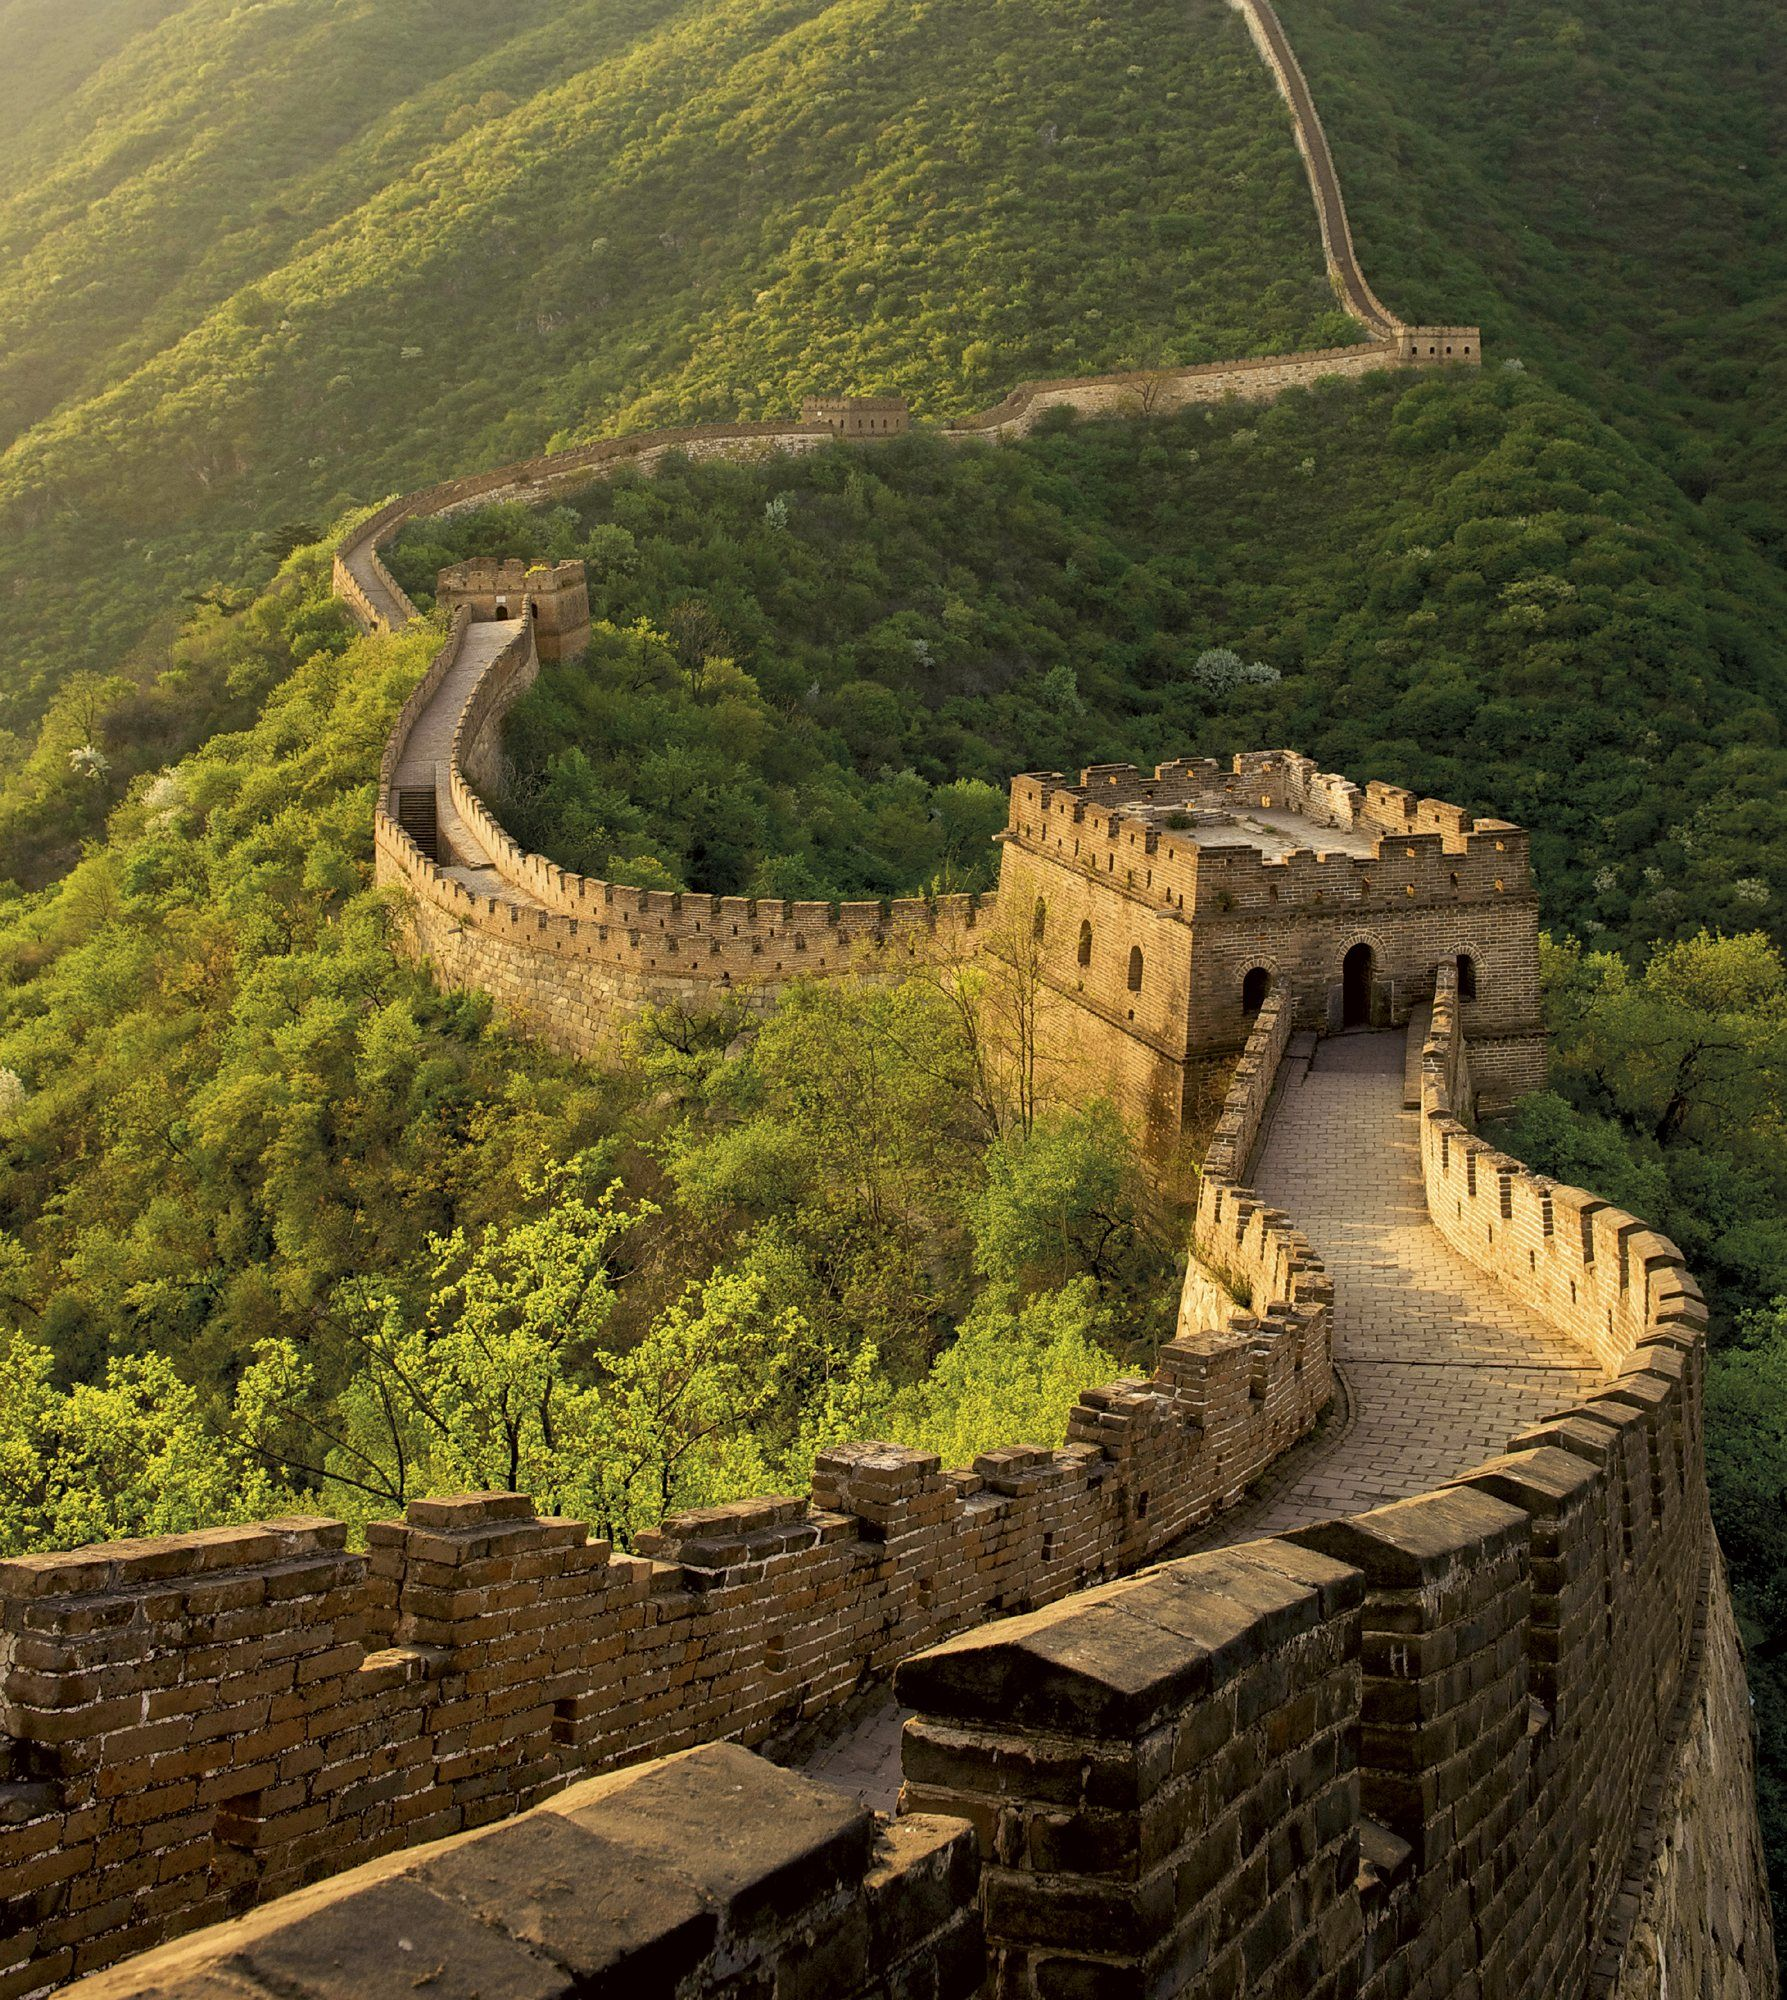 La Gran Muralla China Lugares Increibles Monumentos Del Mundo Lugares Maravillosos